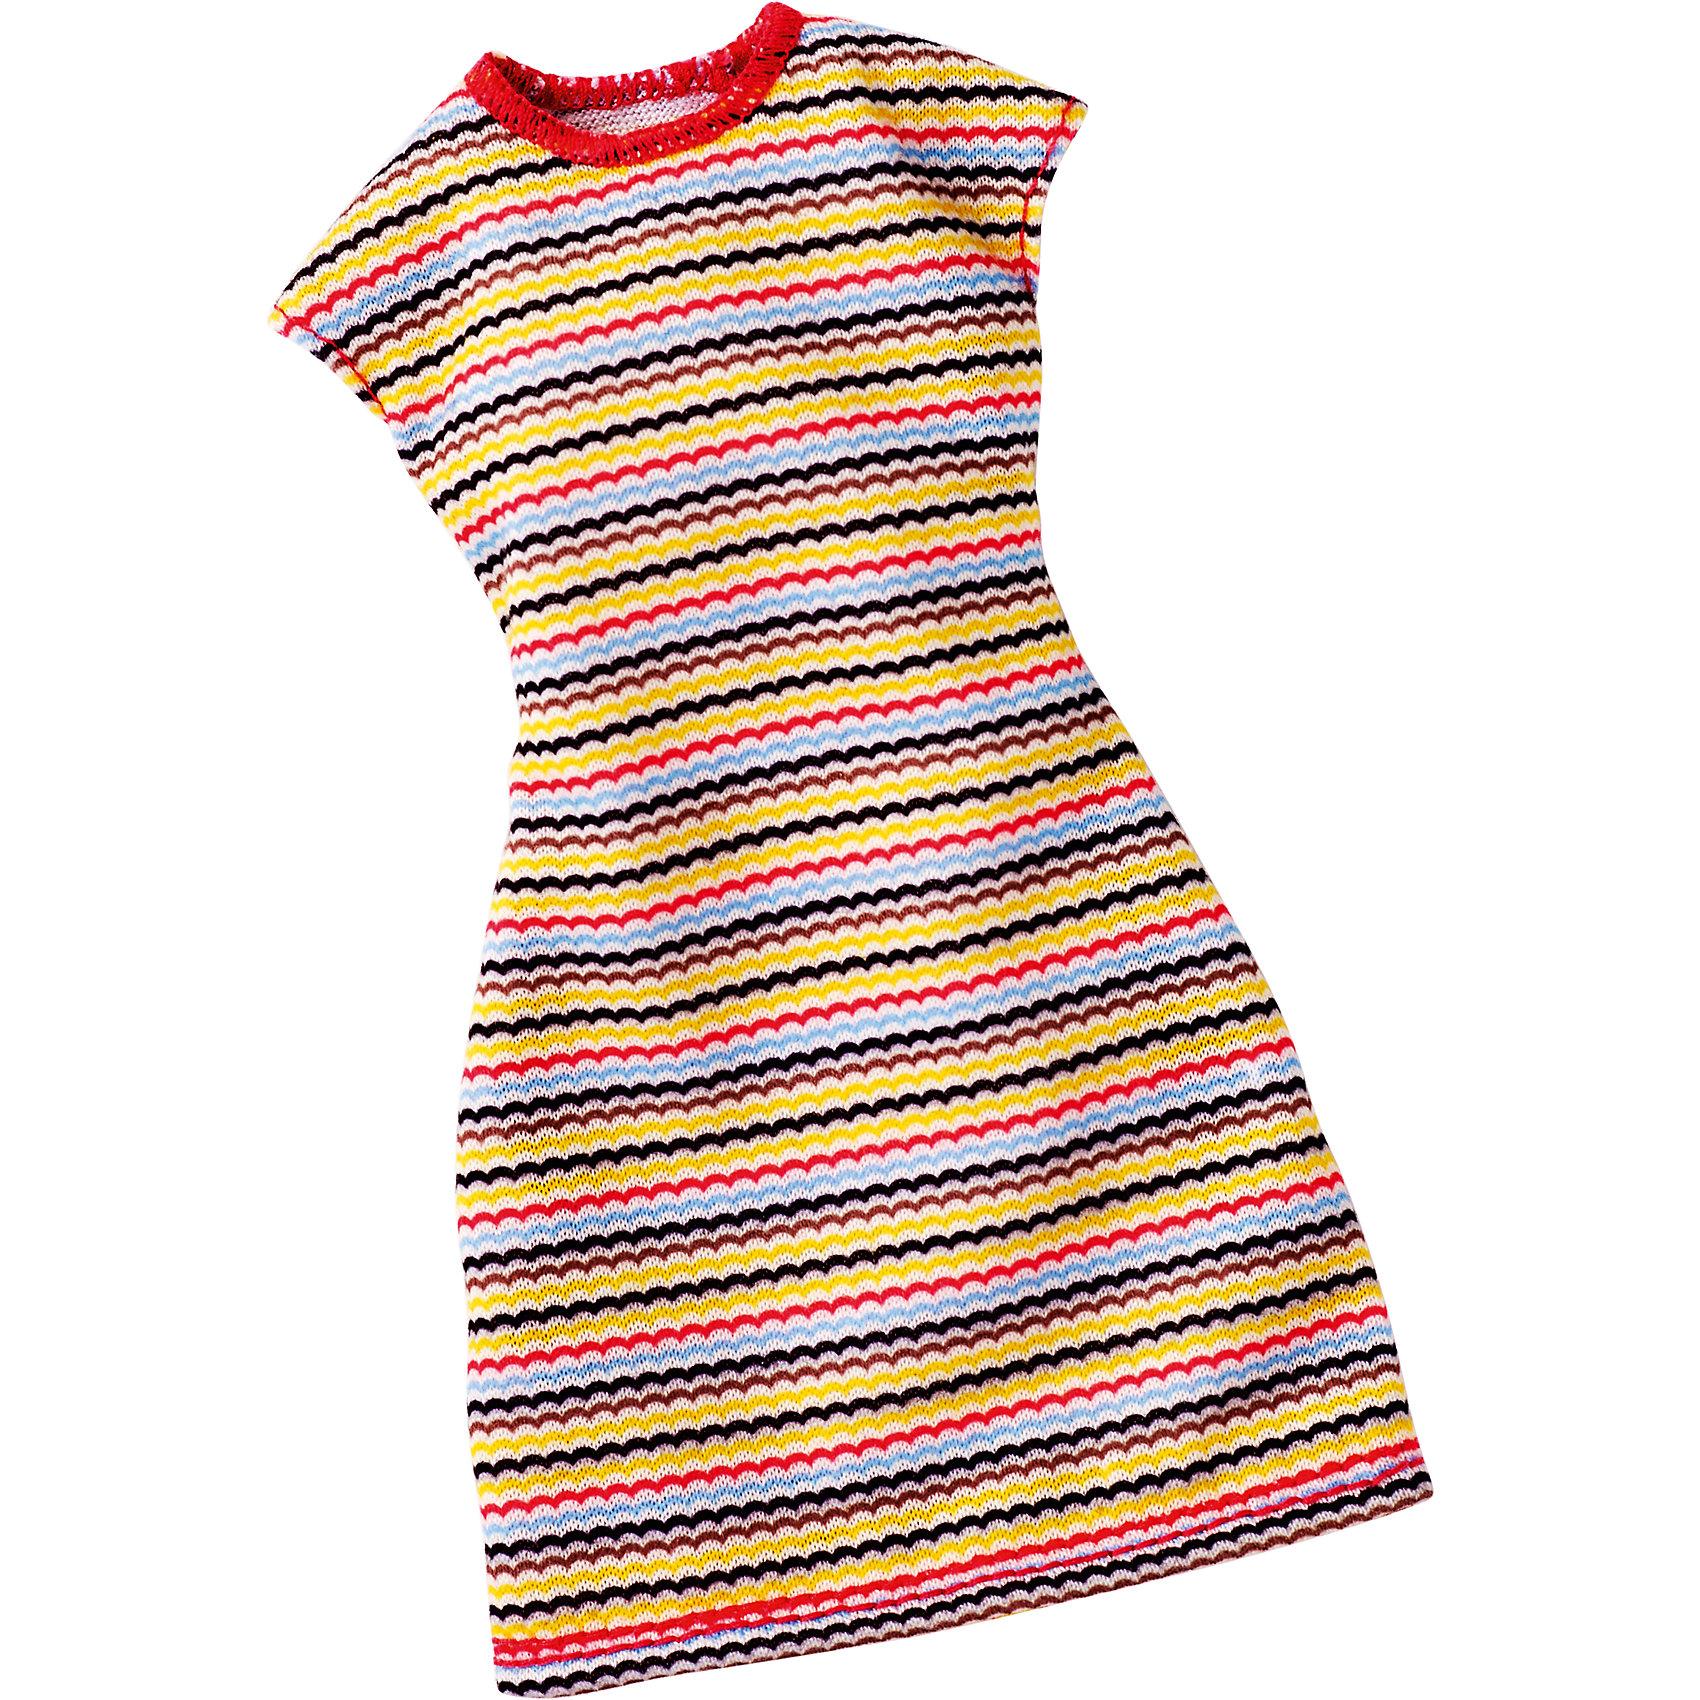 Универсальное платье для куклы (для всех типов фигур), BarbieХарактеристики товара:<br><br>• цвет: жёлтый<br>• комплектация: 1 платье<br>• материал: текстиль<br>• ткань с принтом<br>• качественная обработка швов<br>• универсальное: для всех типов фигур<br>• возраст: от трех лет<br>• страна бренда: США<br><br>Это платье порадует маленьких любительниц кукол Barbie. Оно поможет создать новый образ своей кукле. Платье отлично сидит на разных модификациях Барби, оно прекрасно обработано! Такой наряд станет желанным подарком для девочек, которые следят за модными тенденциями.<br><br>Игры с куклами помогают развить у девочек вкус и чувство стиля, отработать сценарии поведения в обществе, развить воображение и мелкую моторику. Барби от бренда Mattel не перестает быть популярной! <br><br>Универсальное платье для куклы (для всех типов фигур), Barbie, от компании Mattel можно купить в нашем интернет-магазине.<br><br>Ширина мм: 155<br>Глубина мм: 83<br>Высота мм: 15<br>Вес г: 11<br>Возраст от месяцев: 36<br>Возраст до месяцев: 72<br>Пол: Женский<br>Возраст: Детский<br>SKU: 5389691